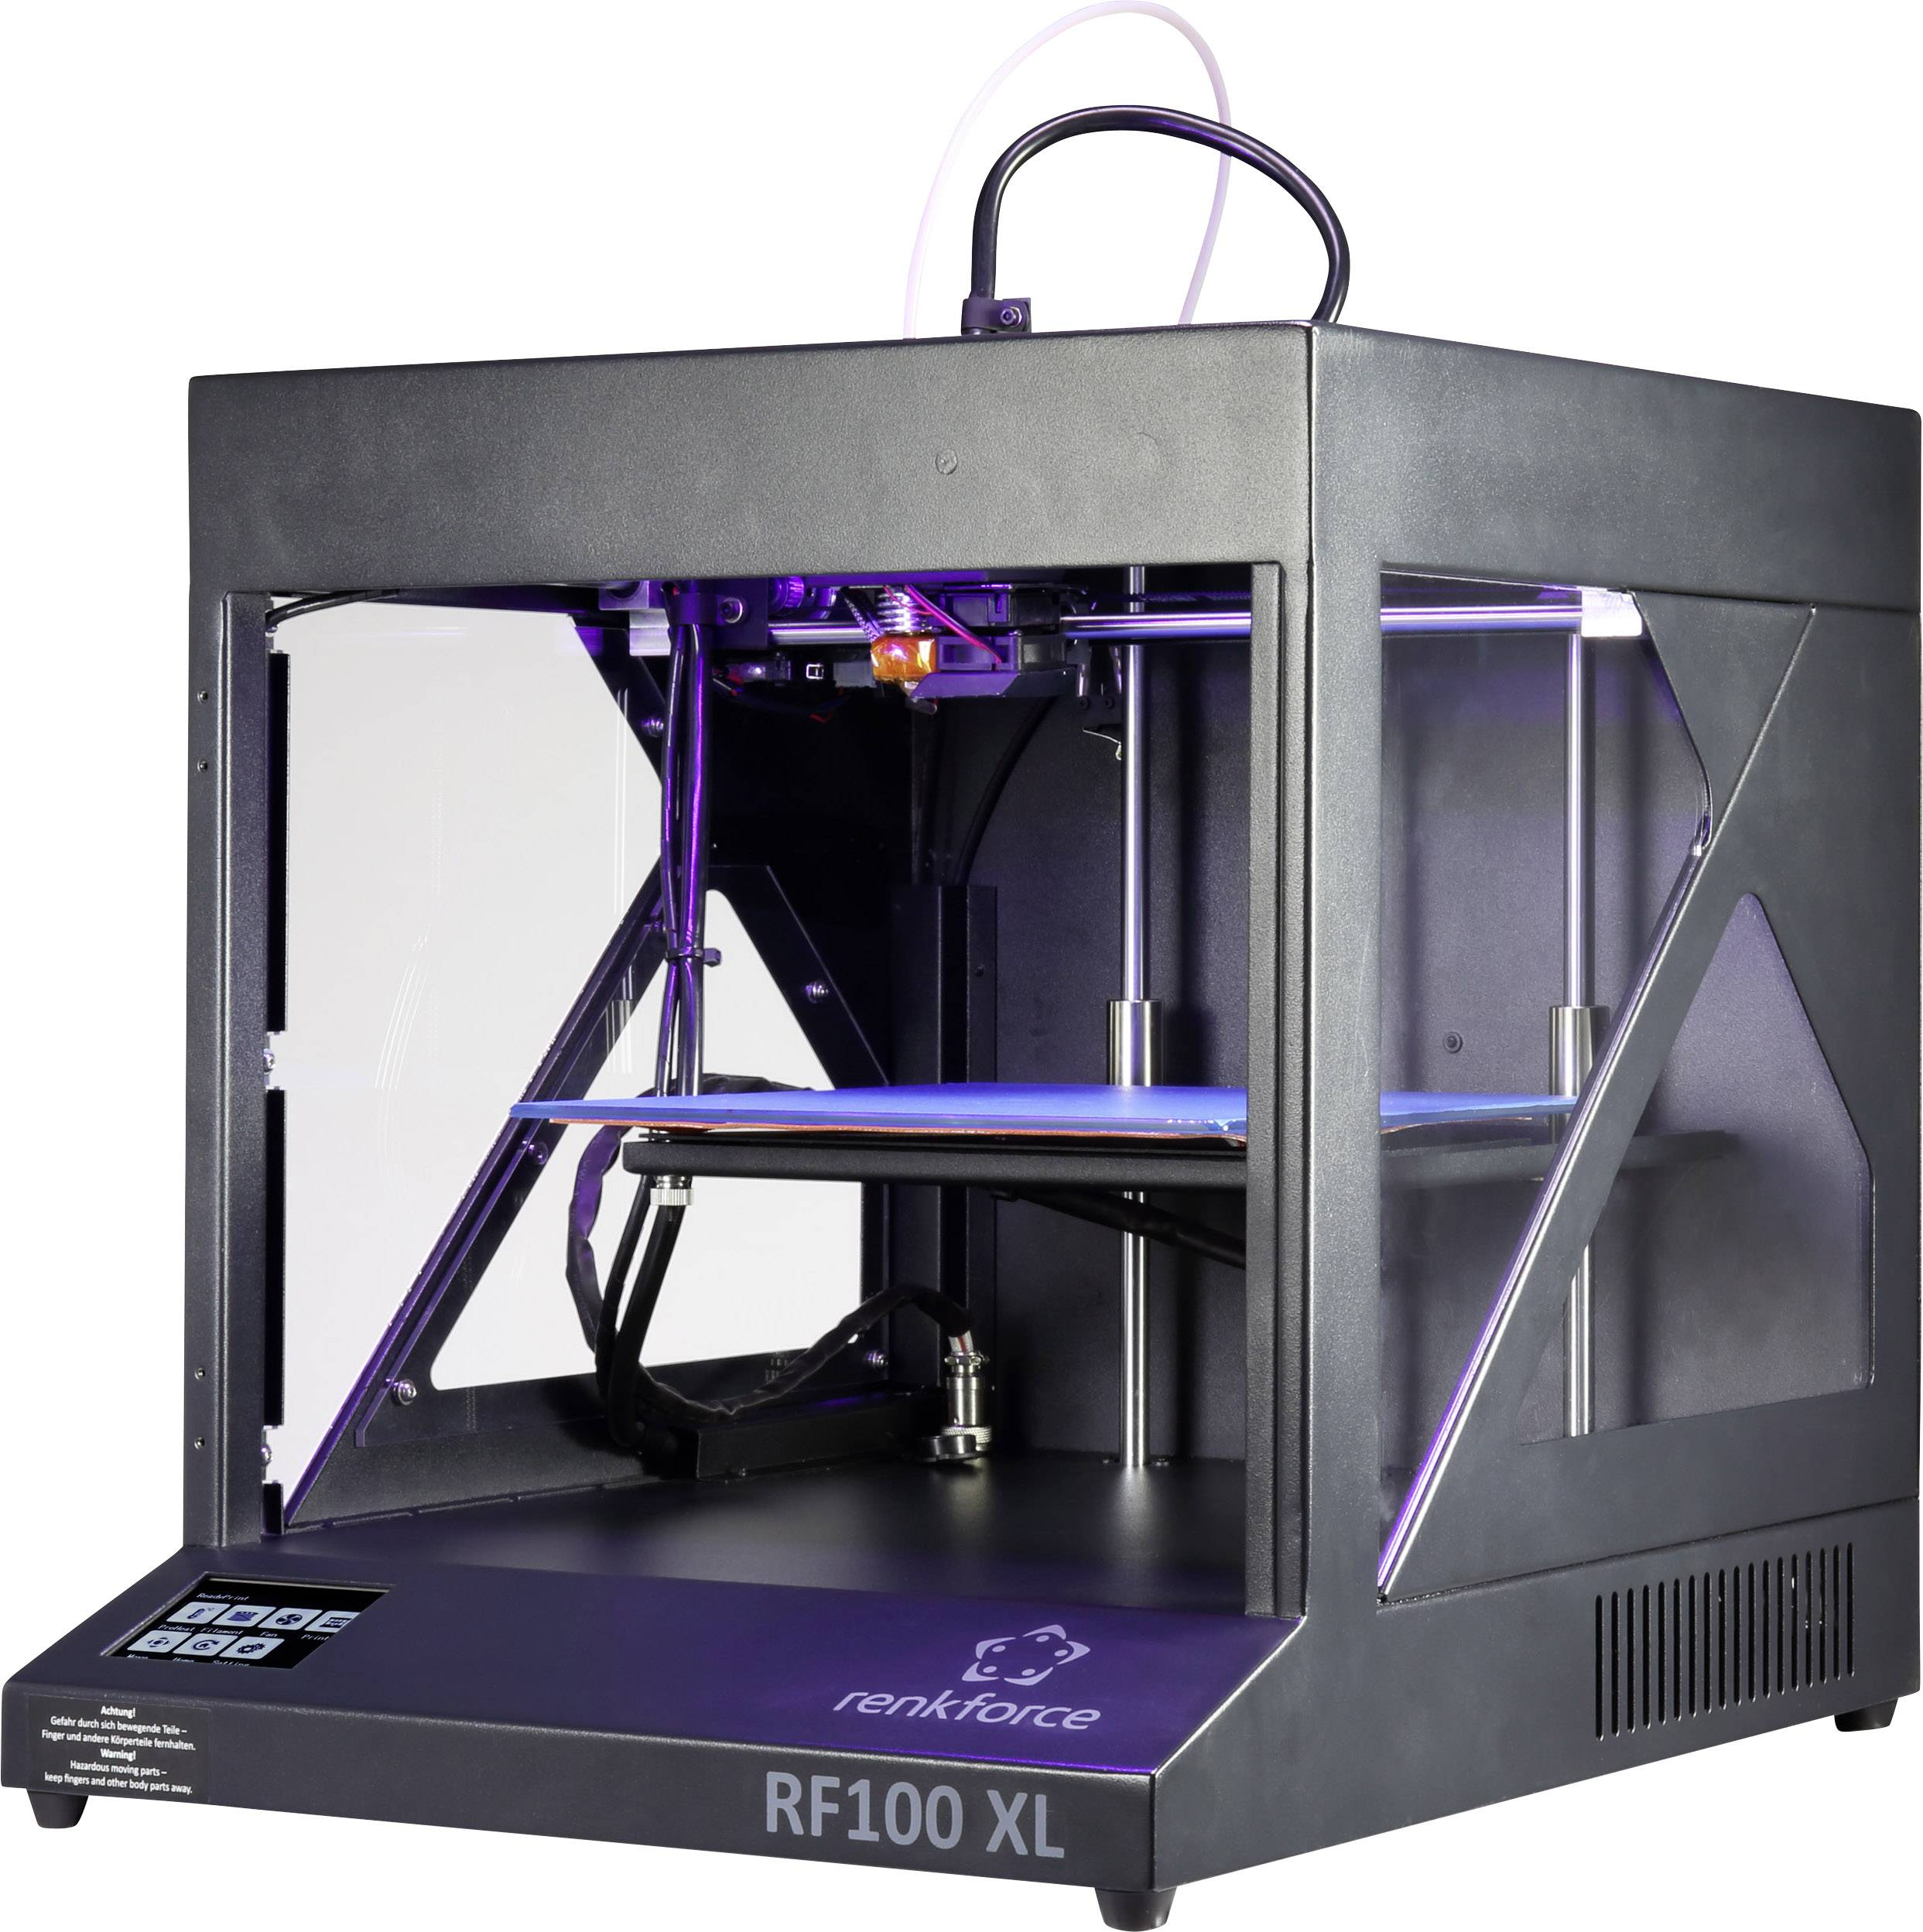 3D tlačiareň Renkforce RF100 XL Plus, s vyhrievanou tlačovou podložkou, vrátane vlákna